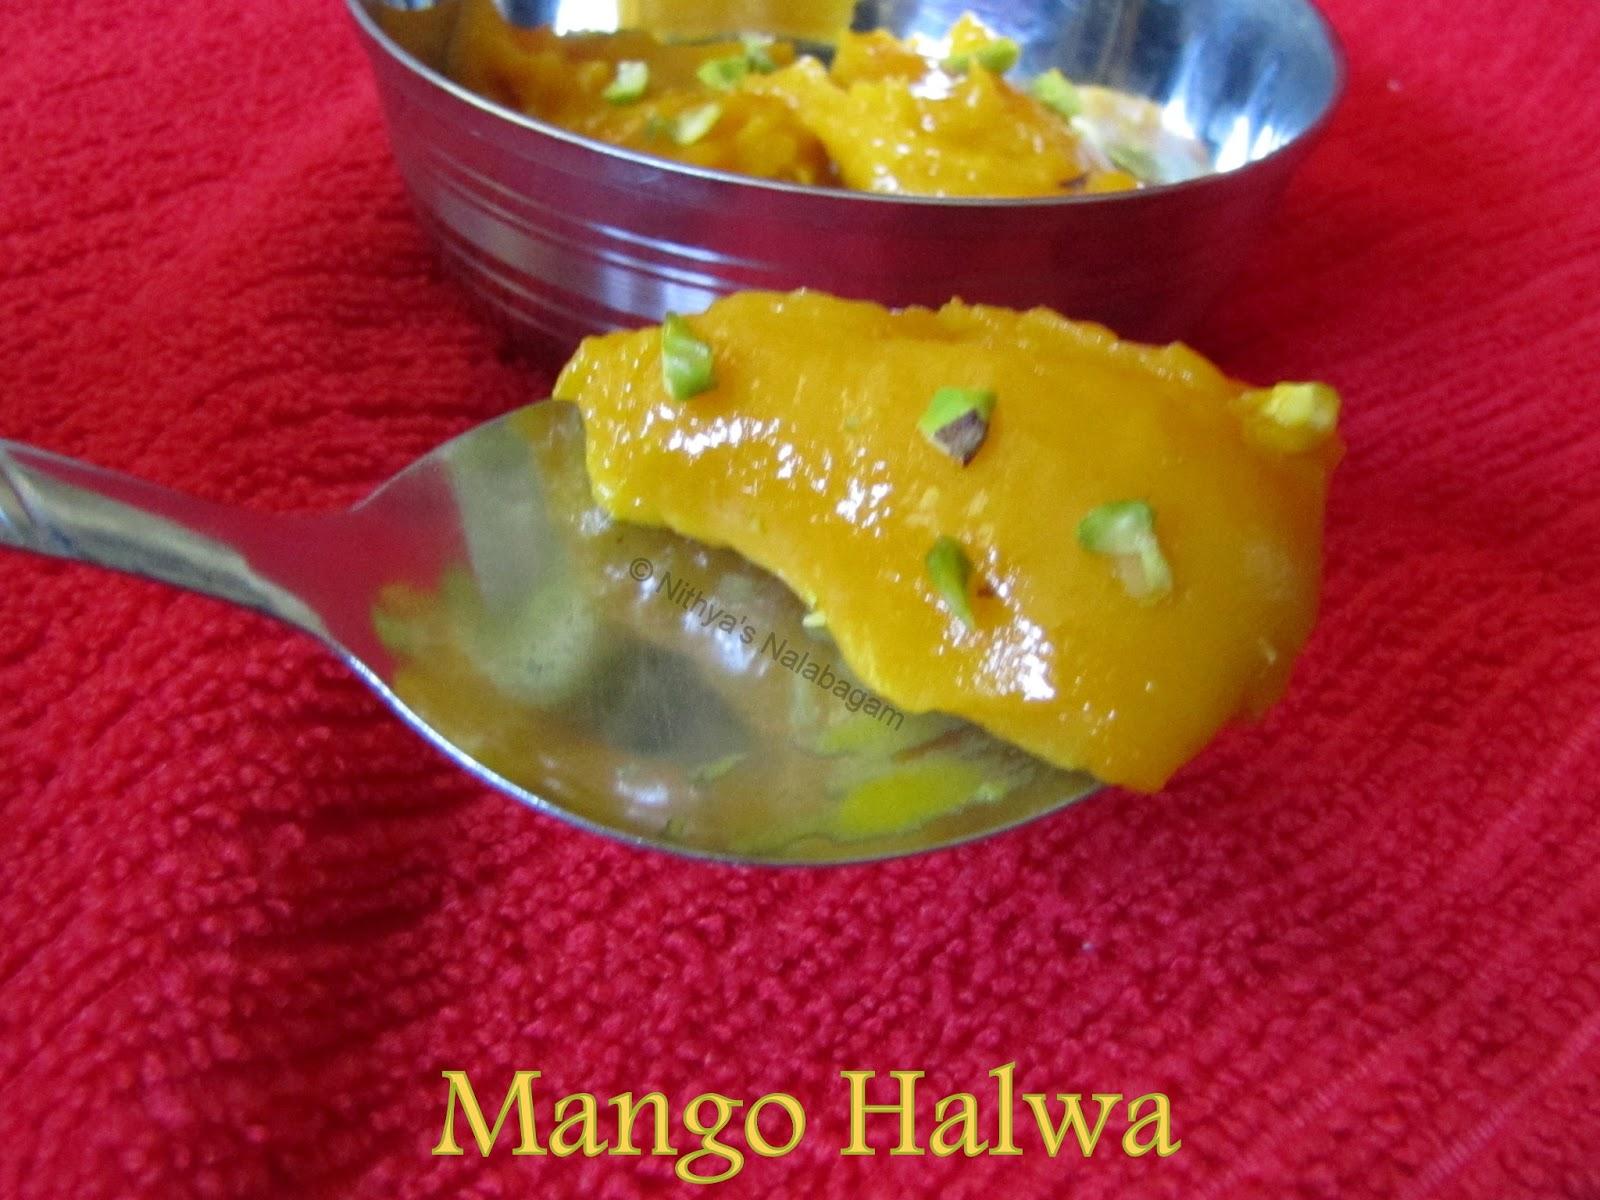 Mango Halwa